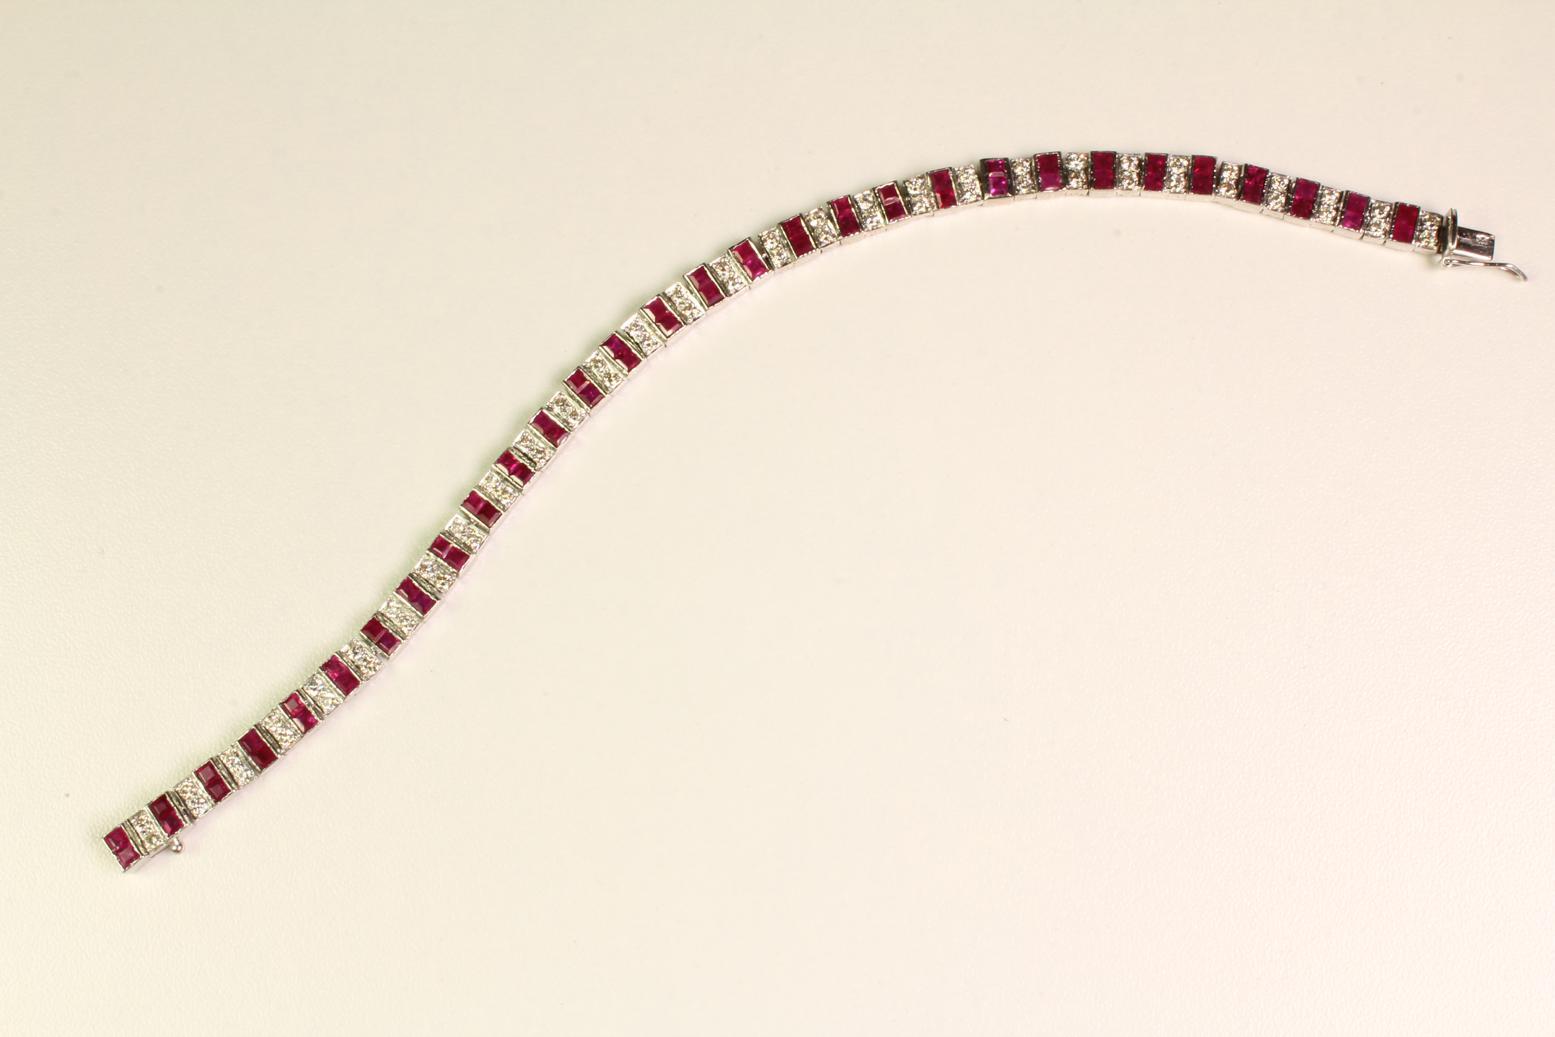 Antikes, französisches Armbandaus der Zeit des Art Deco. In 750er Weißgold gefasste Rubine, im Table Schliff, wechseln sich ab mit Diamanten im Altschliff und brillieren um die Wette. Ein exquisites Einzelstück für Sie! Rubine Diamanten 750 er Weißgold Lä